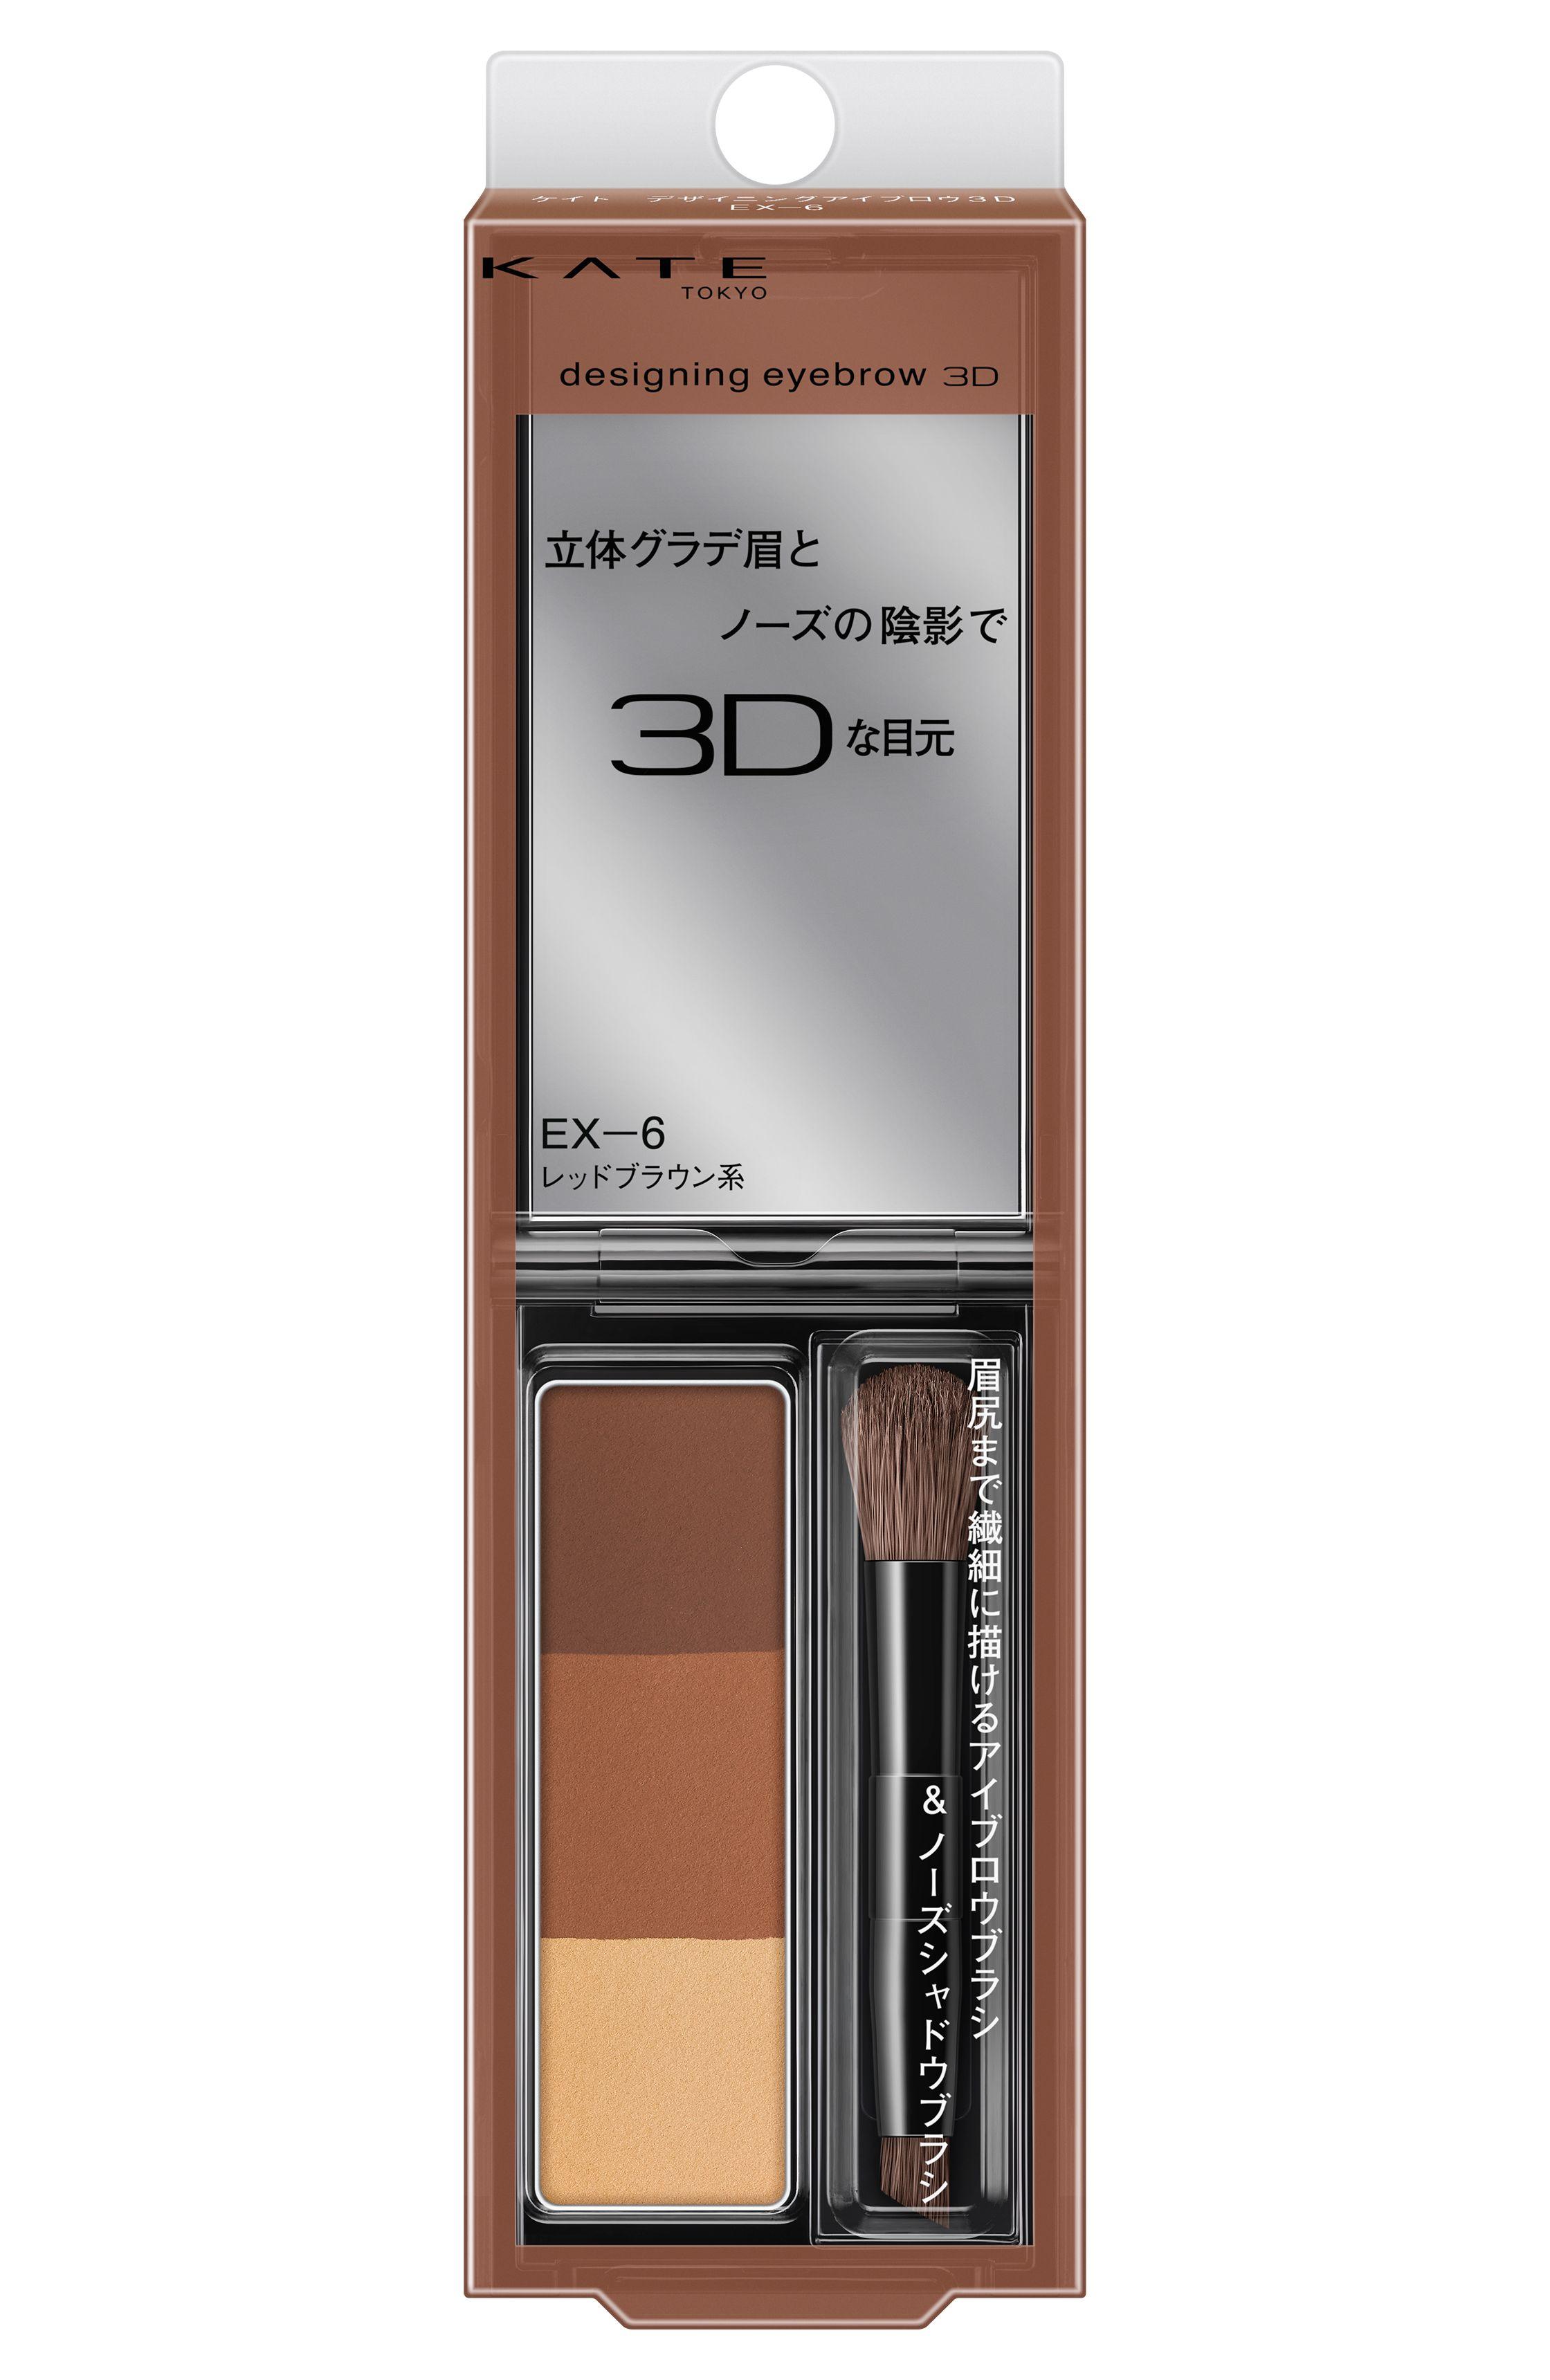 ケイトのデザイニングアイブロウ3Dの使い方をマスターして、立体感のある眉に変身♡の画像